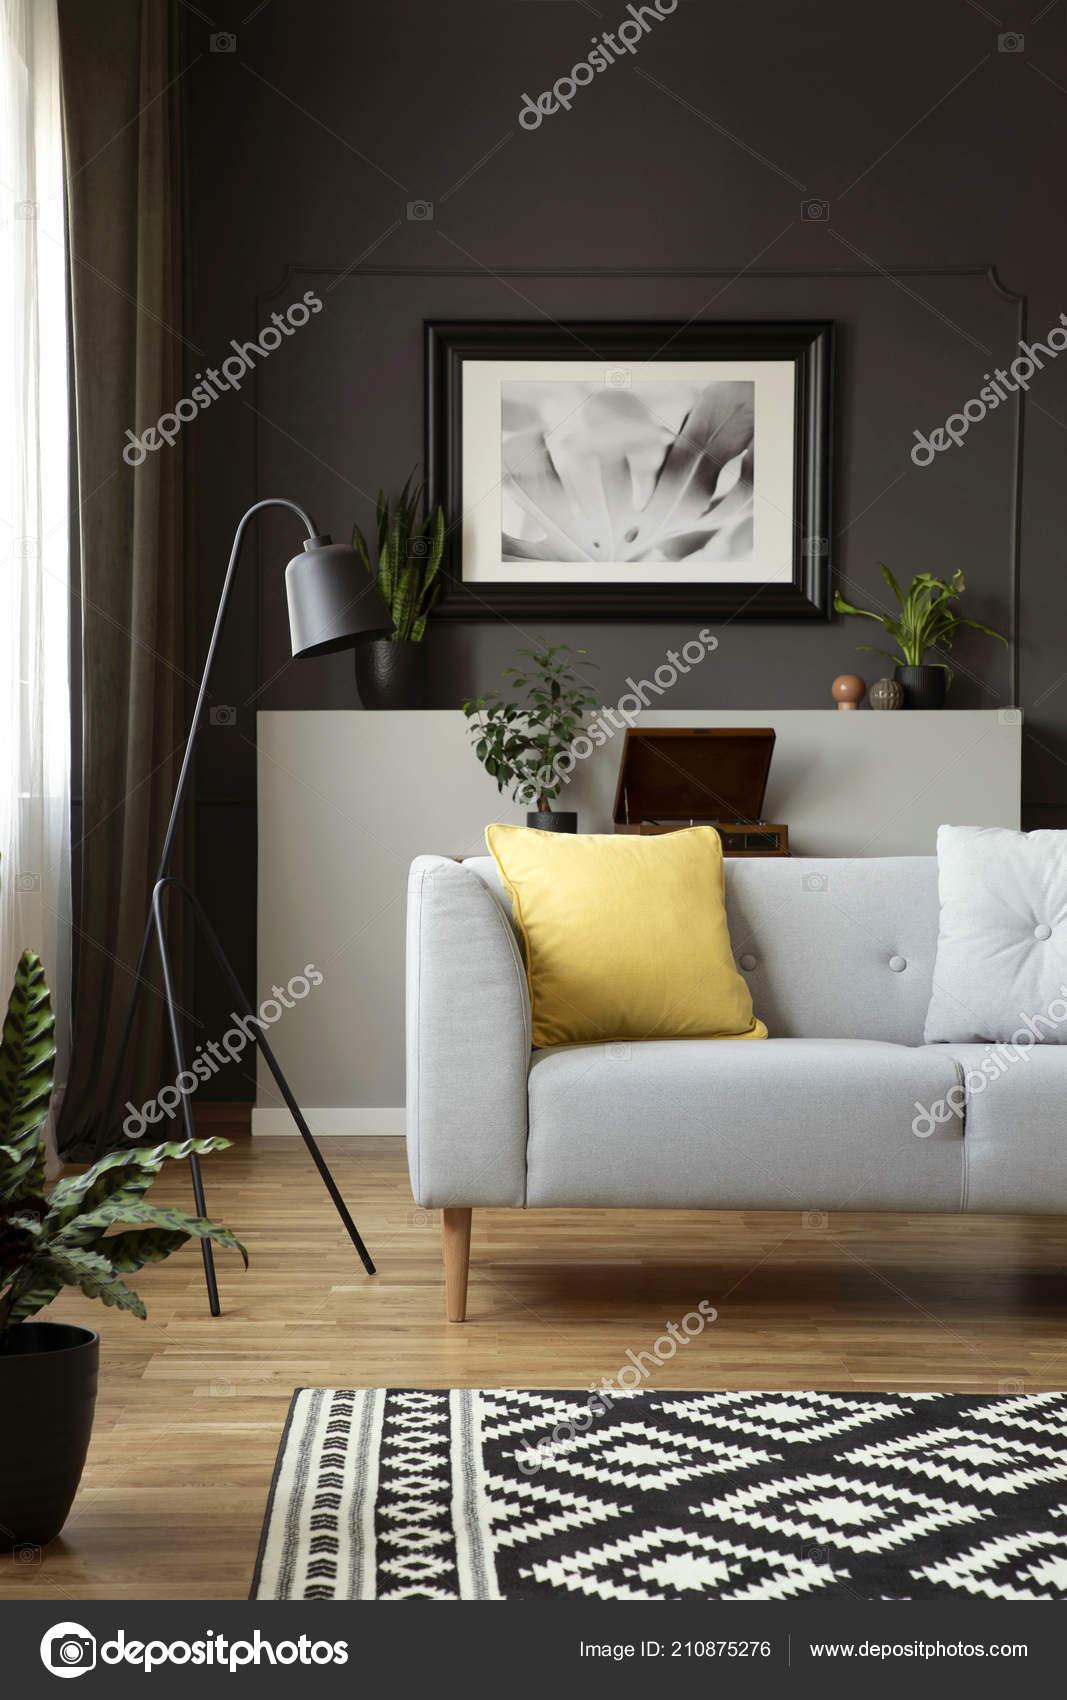 Gelbes Kissen Auf Grauen Sofa Neben Lampe Scandi Wohnzimmer